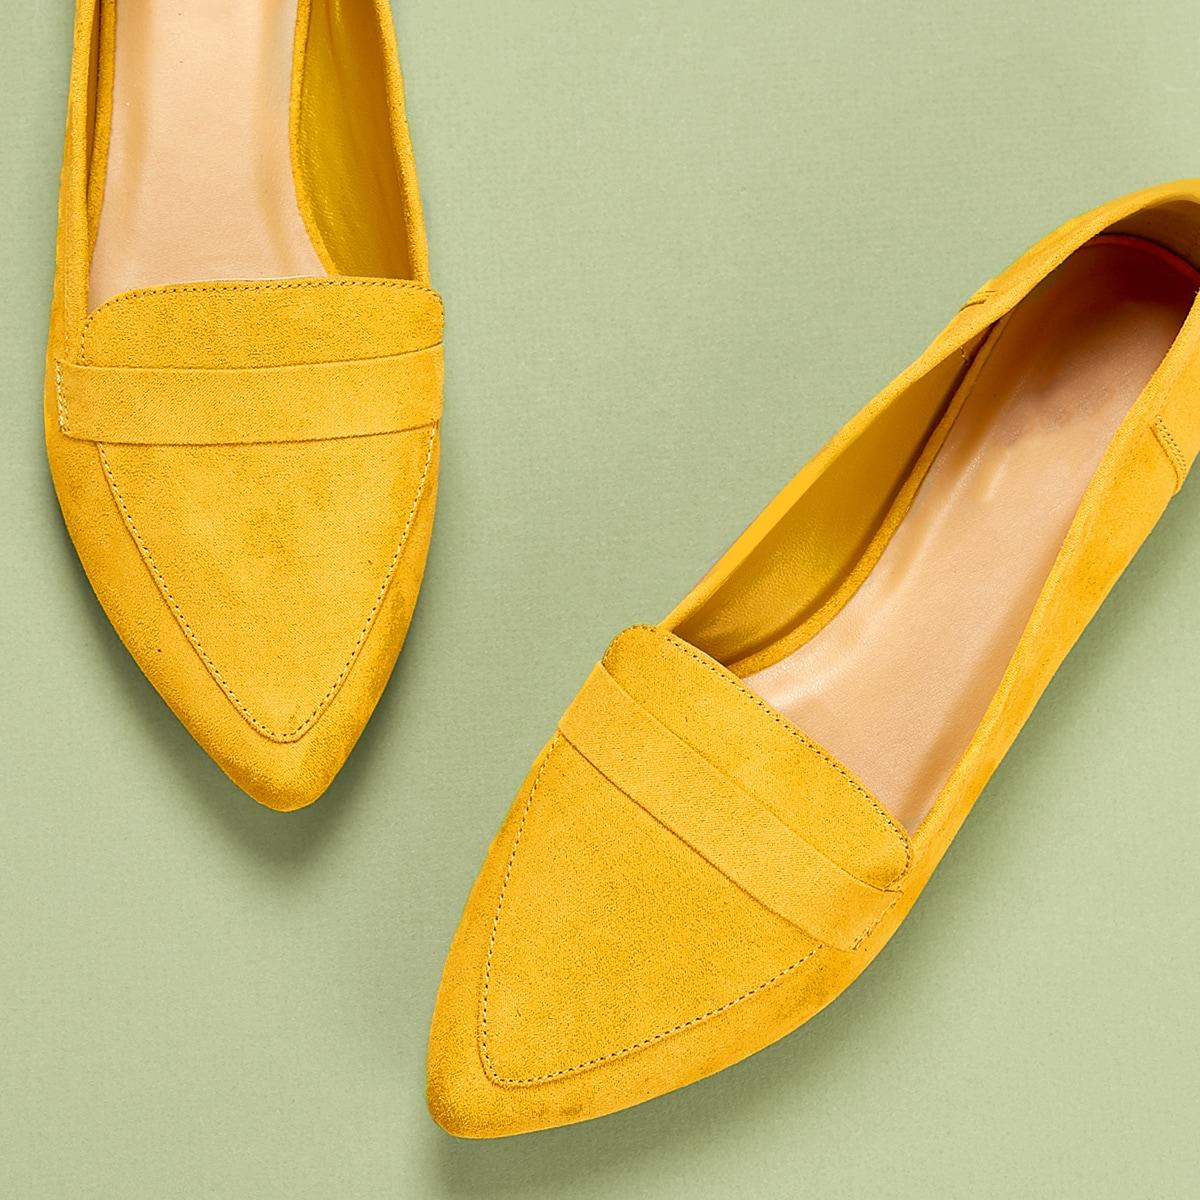 Остроконечные искусственные замшевые туфли на плоской подошве от SHEIN